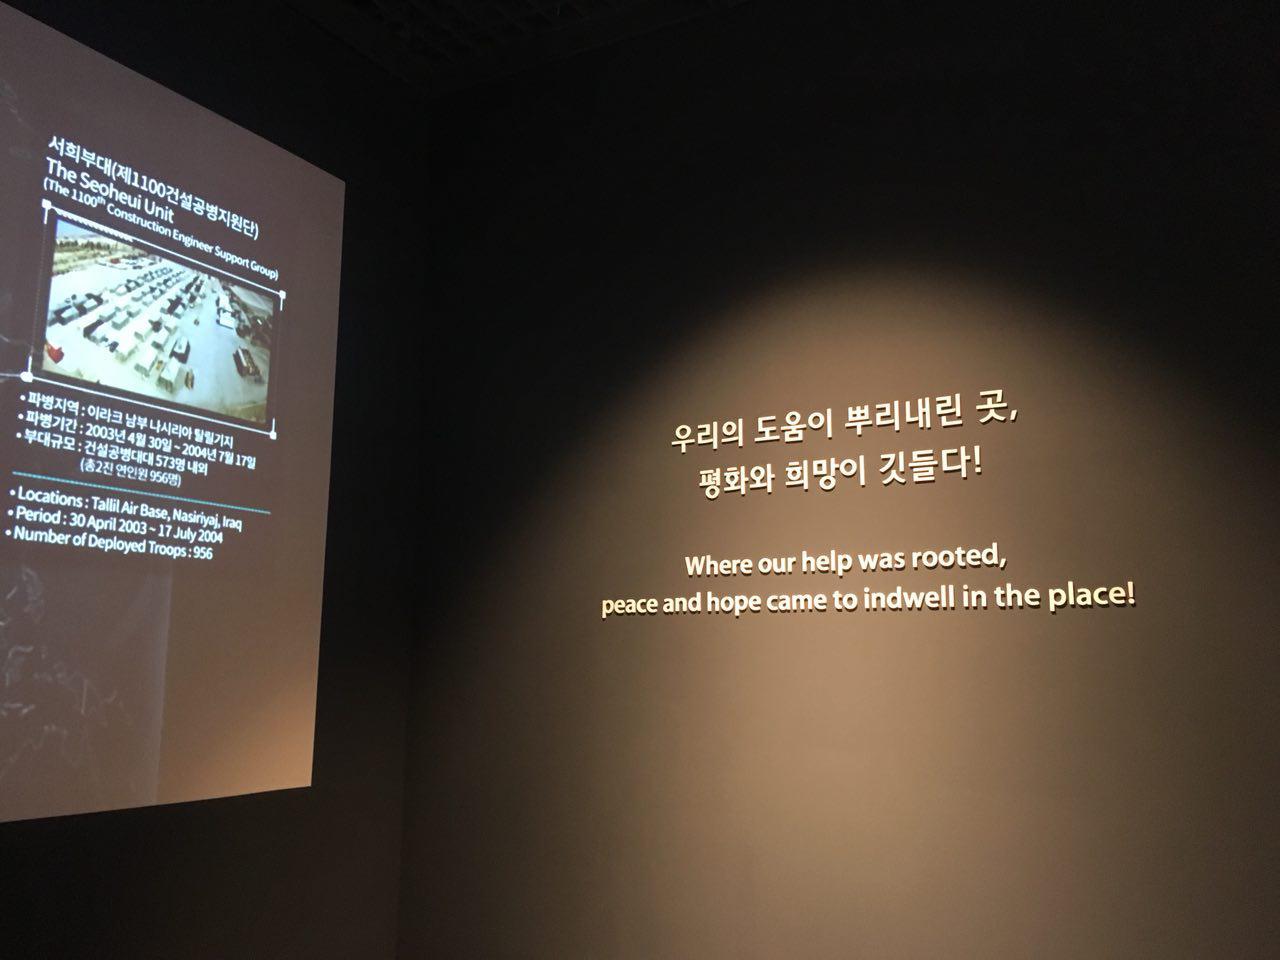 전쟁기념관에 있는 문구. 한국은 전쟁'기념'관이 있는 몇 안되는 국가이다.